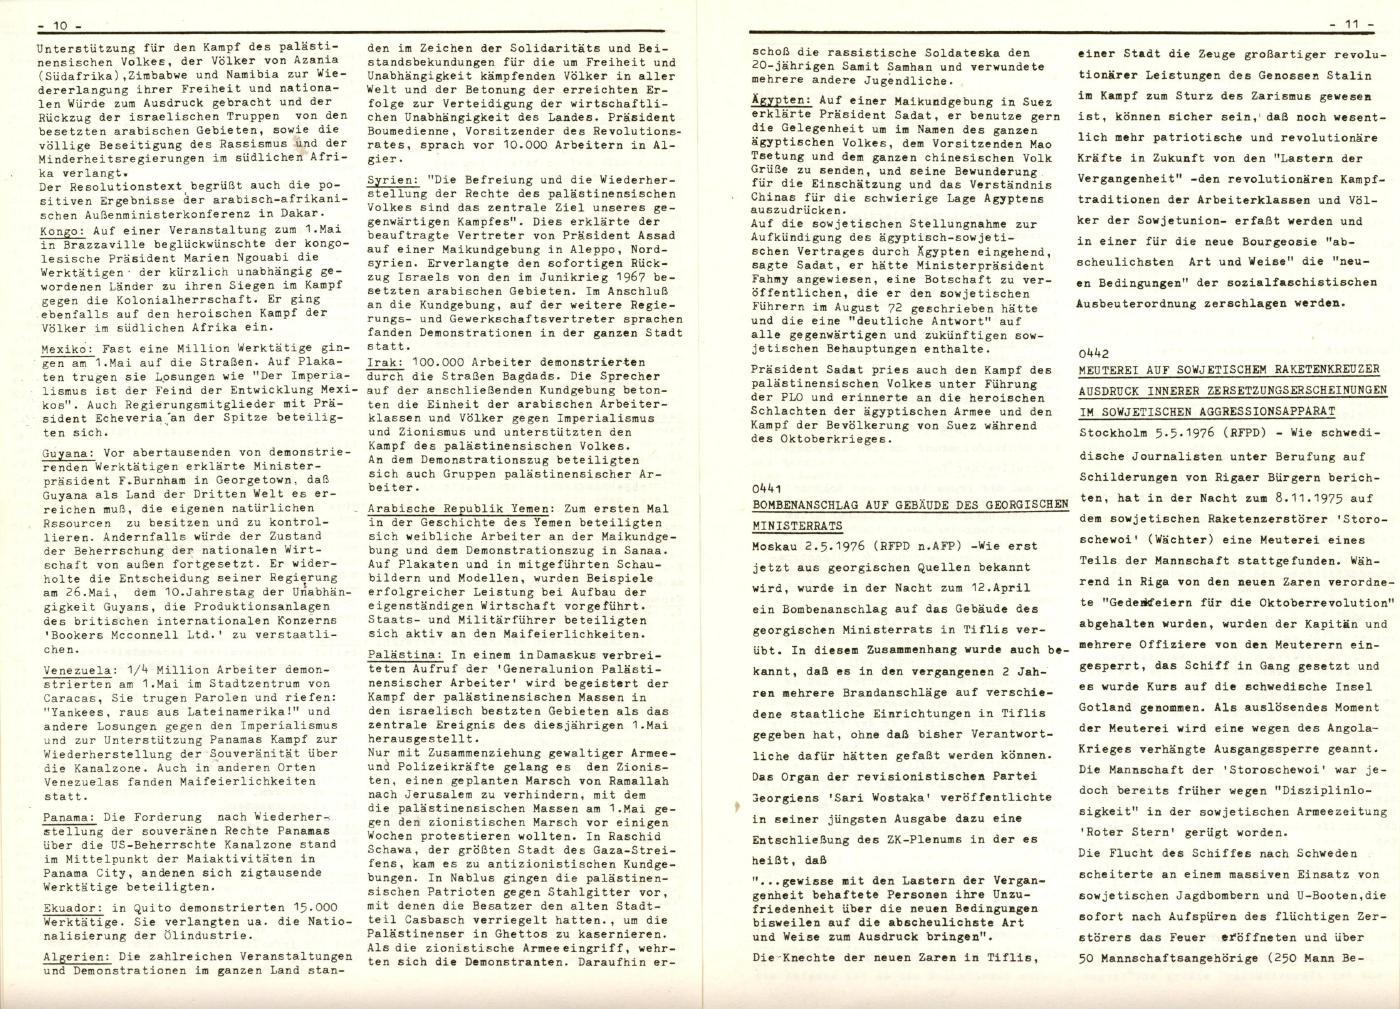 Rote_Fahne_Pressedienst_1976_19_06